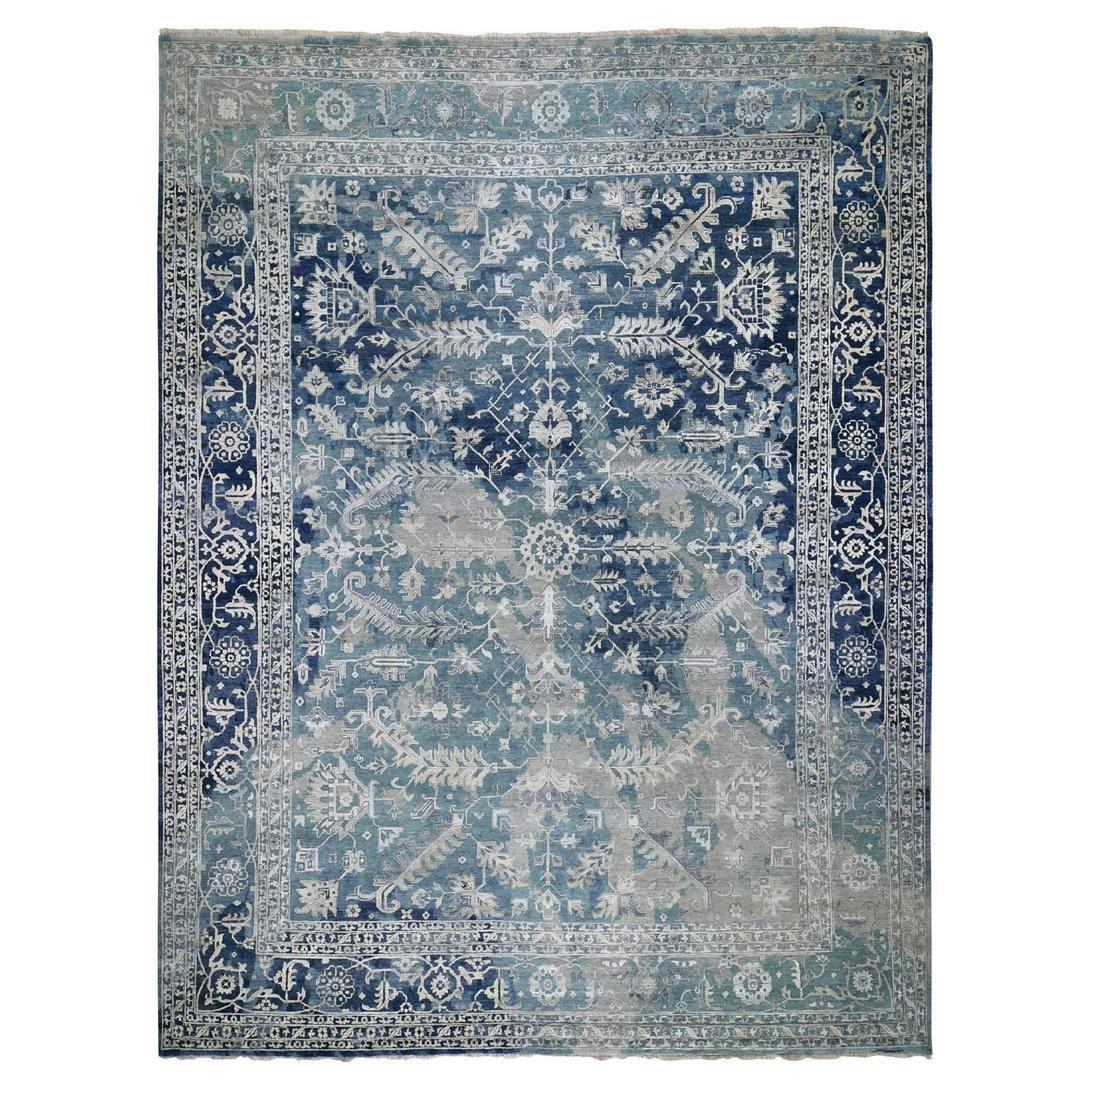 Oversized Broken Persian Heriz All Over Design Wool And